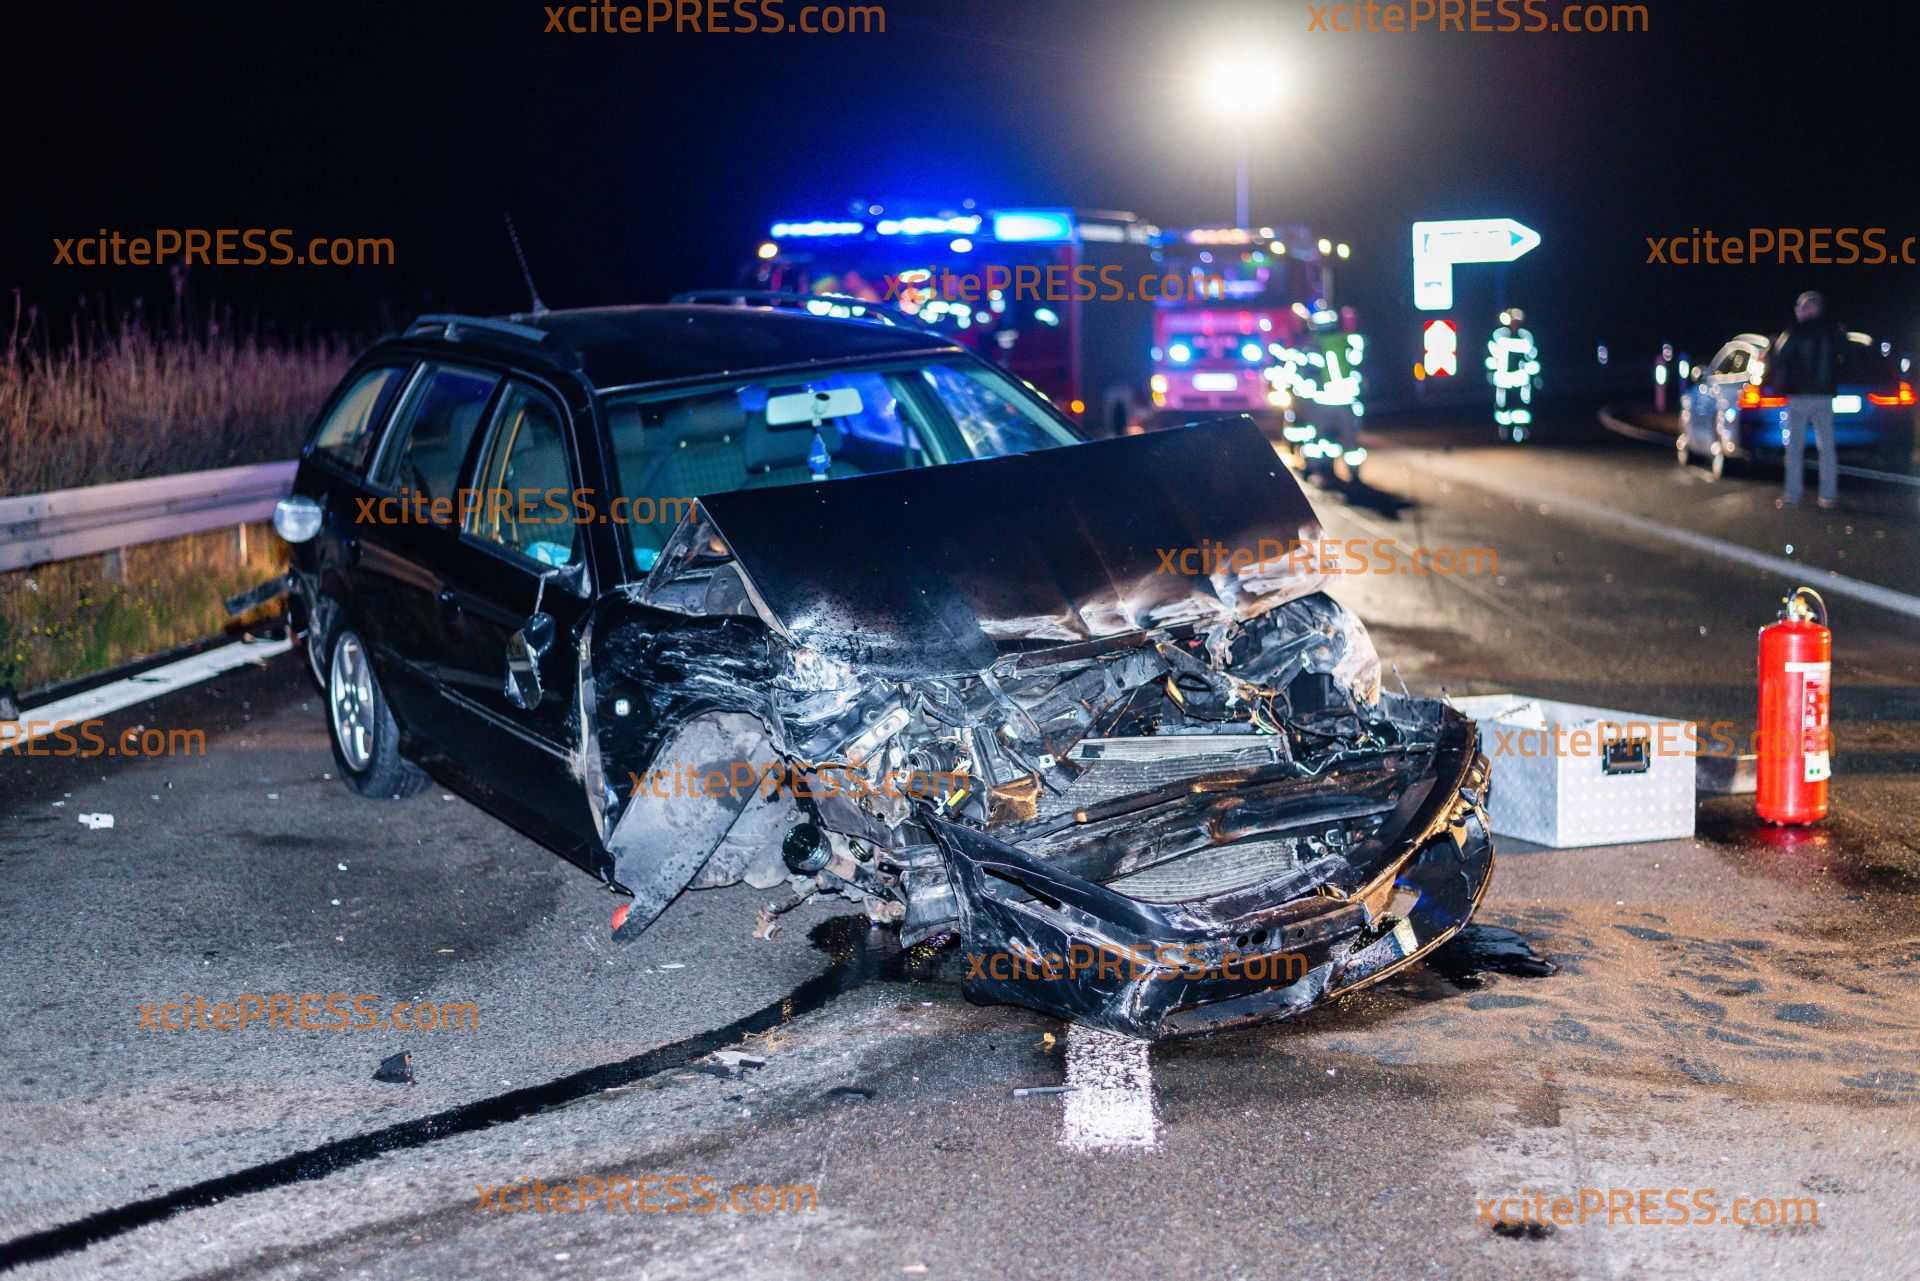 Mehrere kollidieren auf Autobahn - eine verletzte Person: Autobahn 3 Stunden voll gesperrt: 15 km Stau